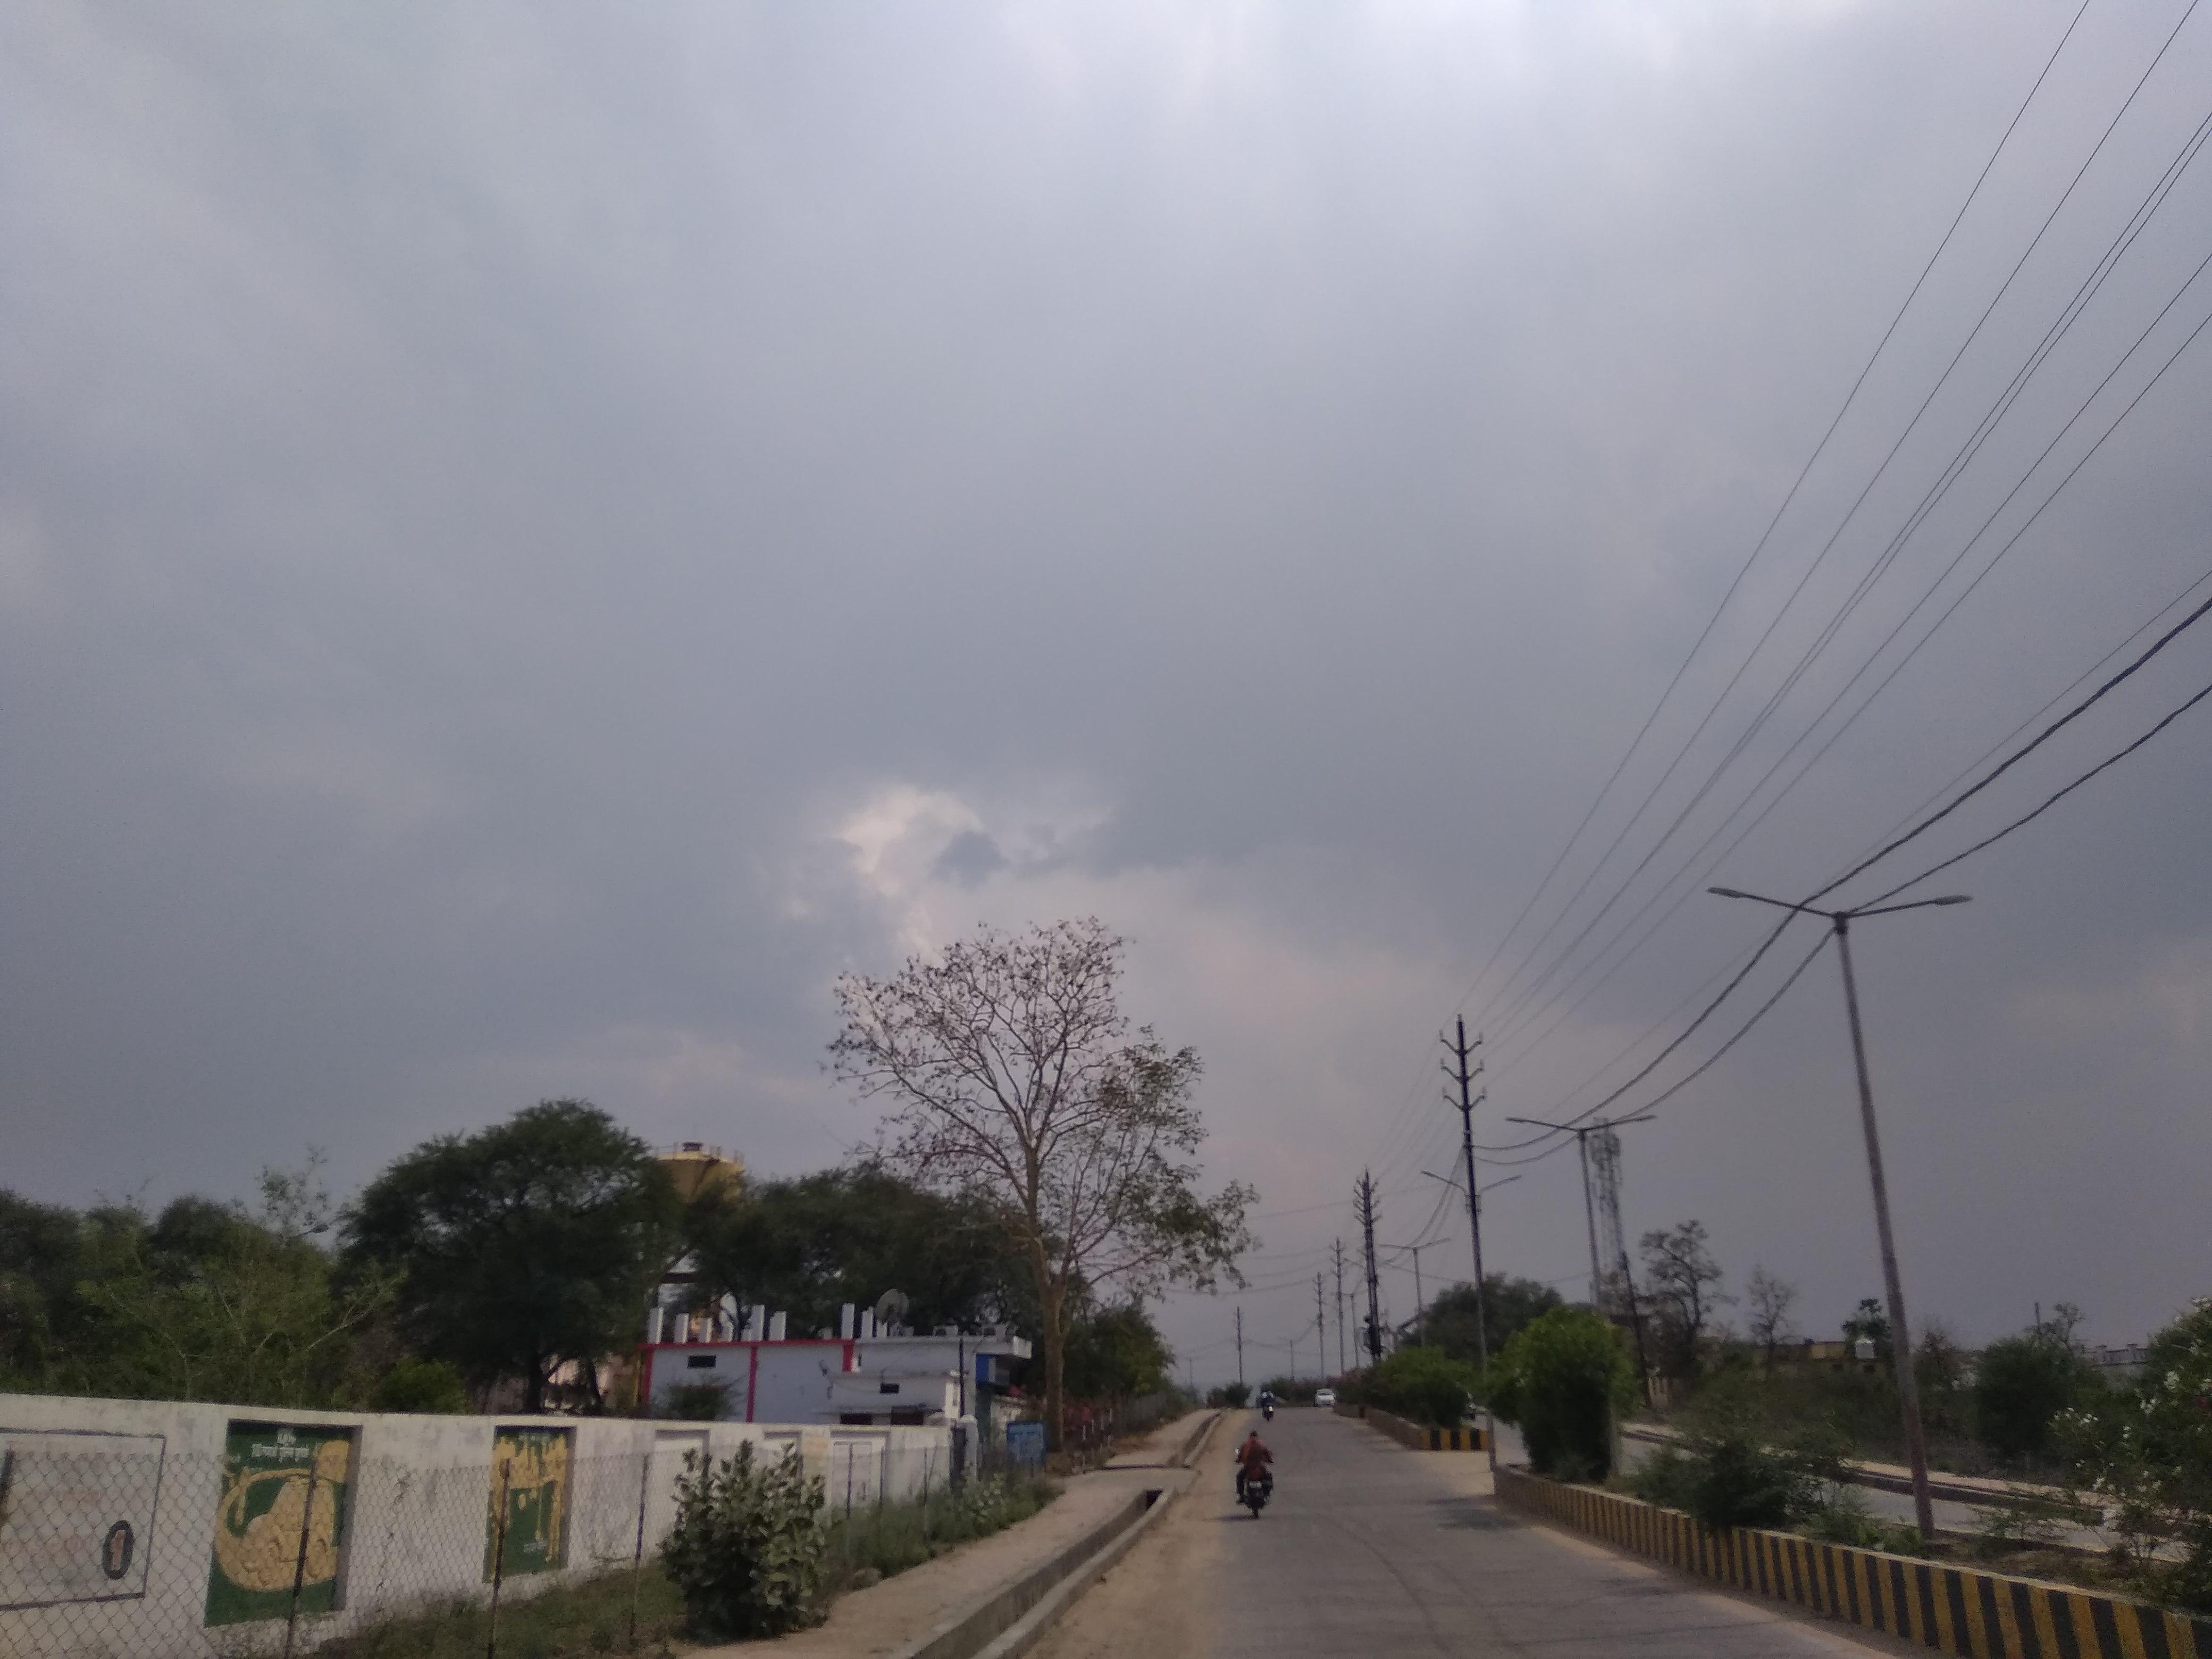 वीडियो स्टोरी; आसमान में छाए काले बादल, धूल भरी आंधी से जनजीवन हुआ प्रभावित